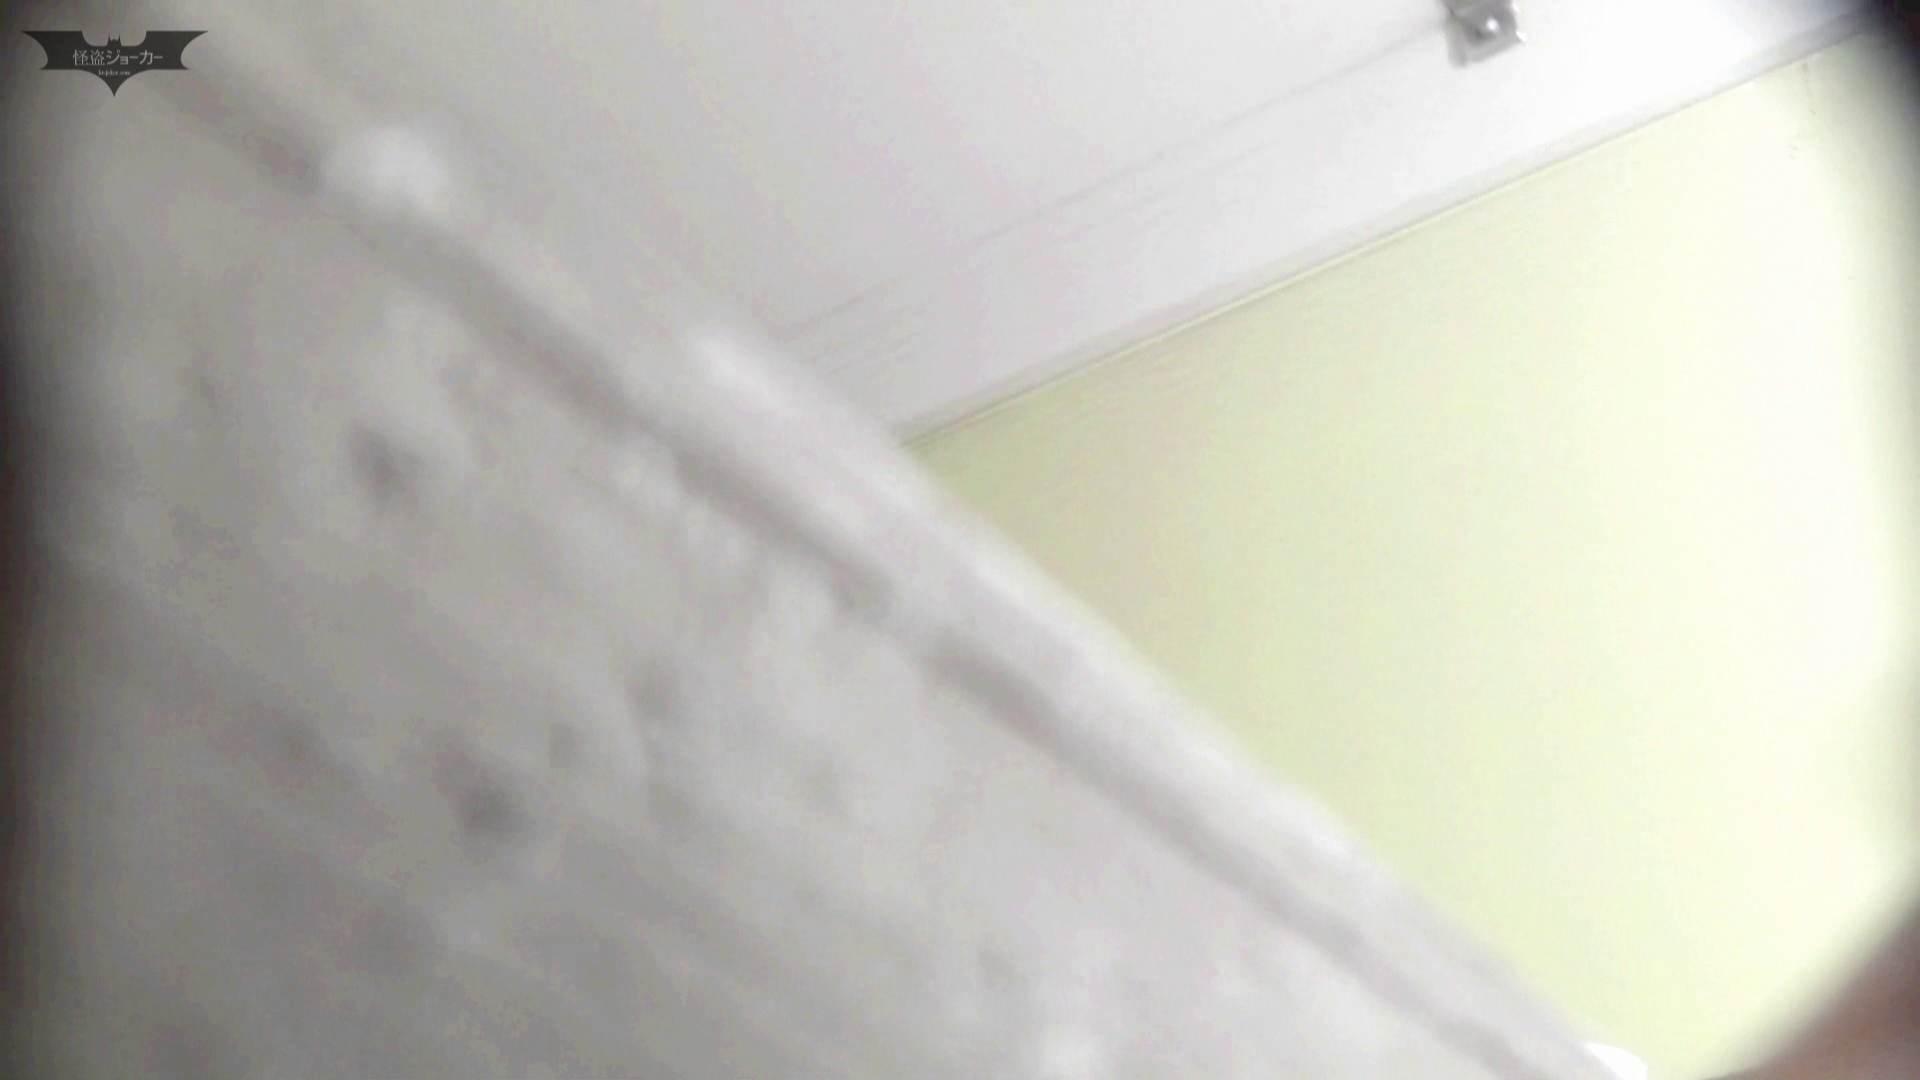 洗面所特攻隊 vol.68 前回のスーパー美女がついに【2015・14位】 洗面所 AV無料動画キャプチャ 68連発 53